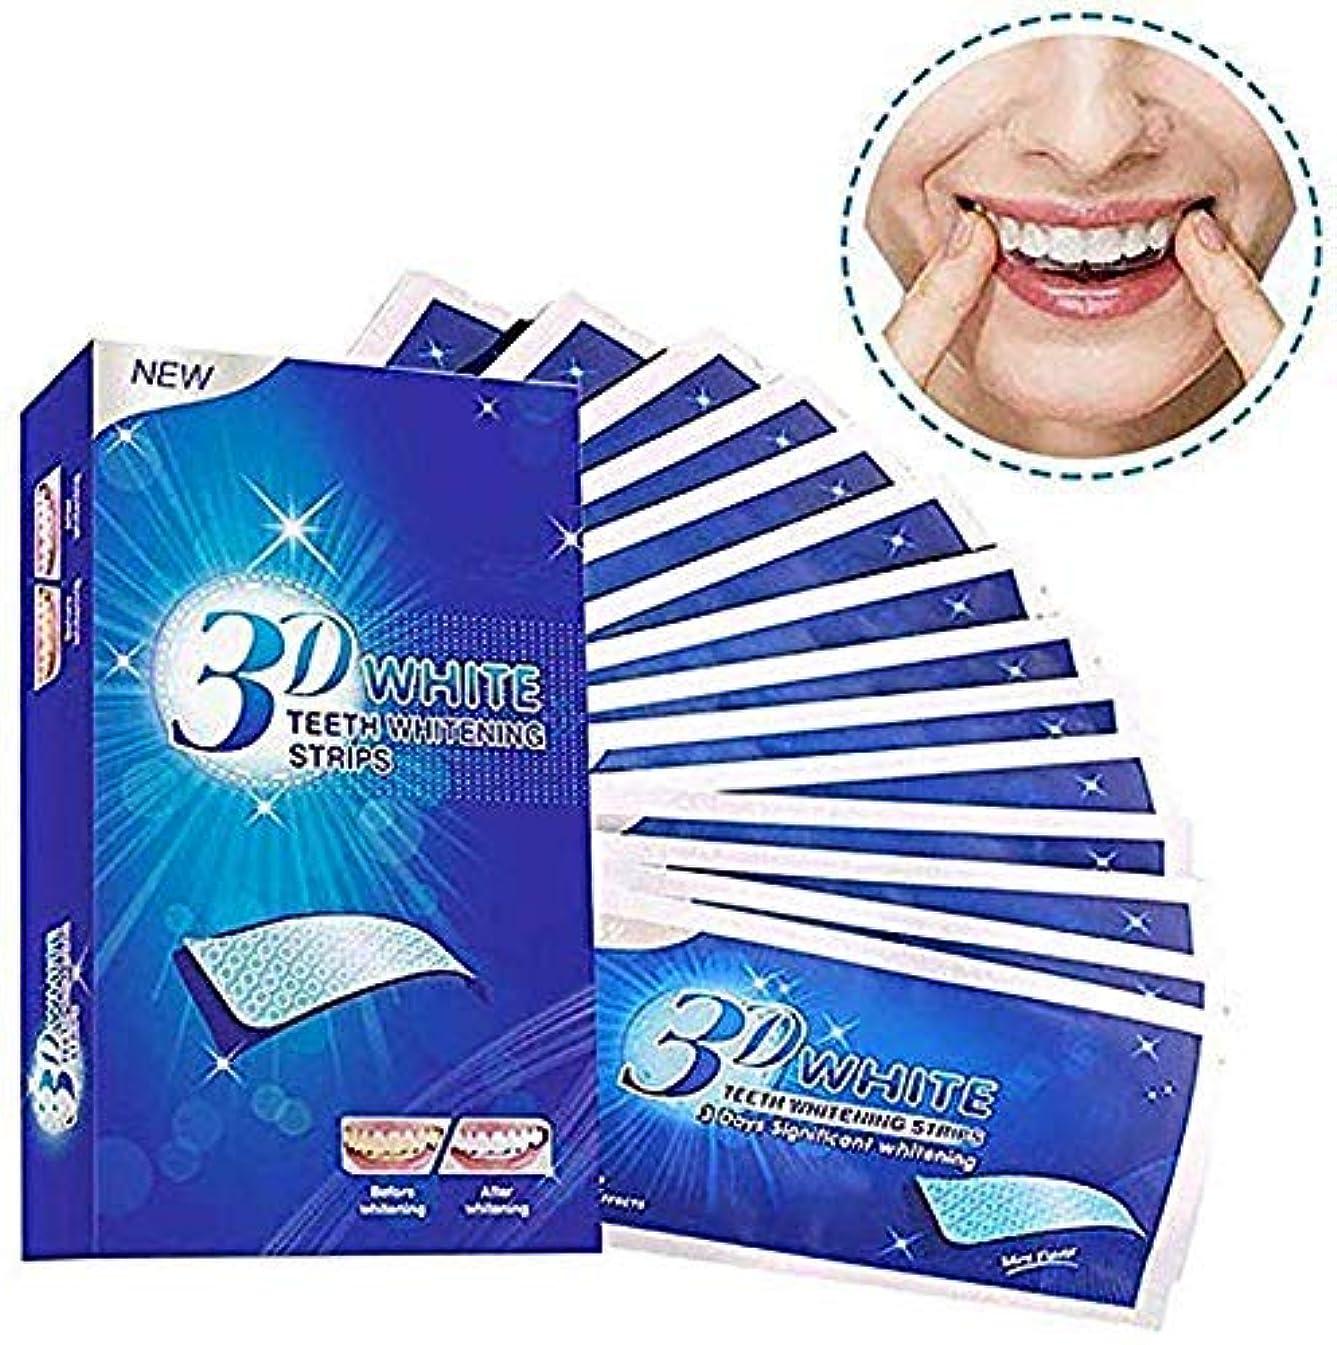 富男性血まみれの歯のホワイトニングストリップ、14 PCS漂白ストリップProfessional 3Dノンスリップ歯のホワイトニングキットゼロ感度の歯のホワイトニングキット